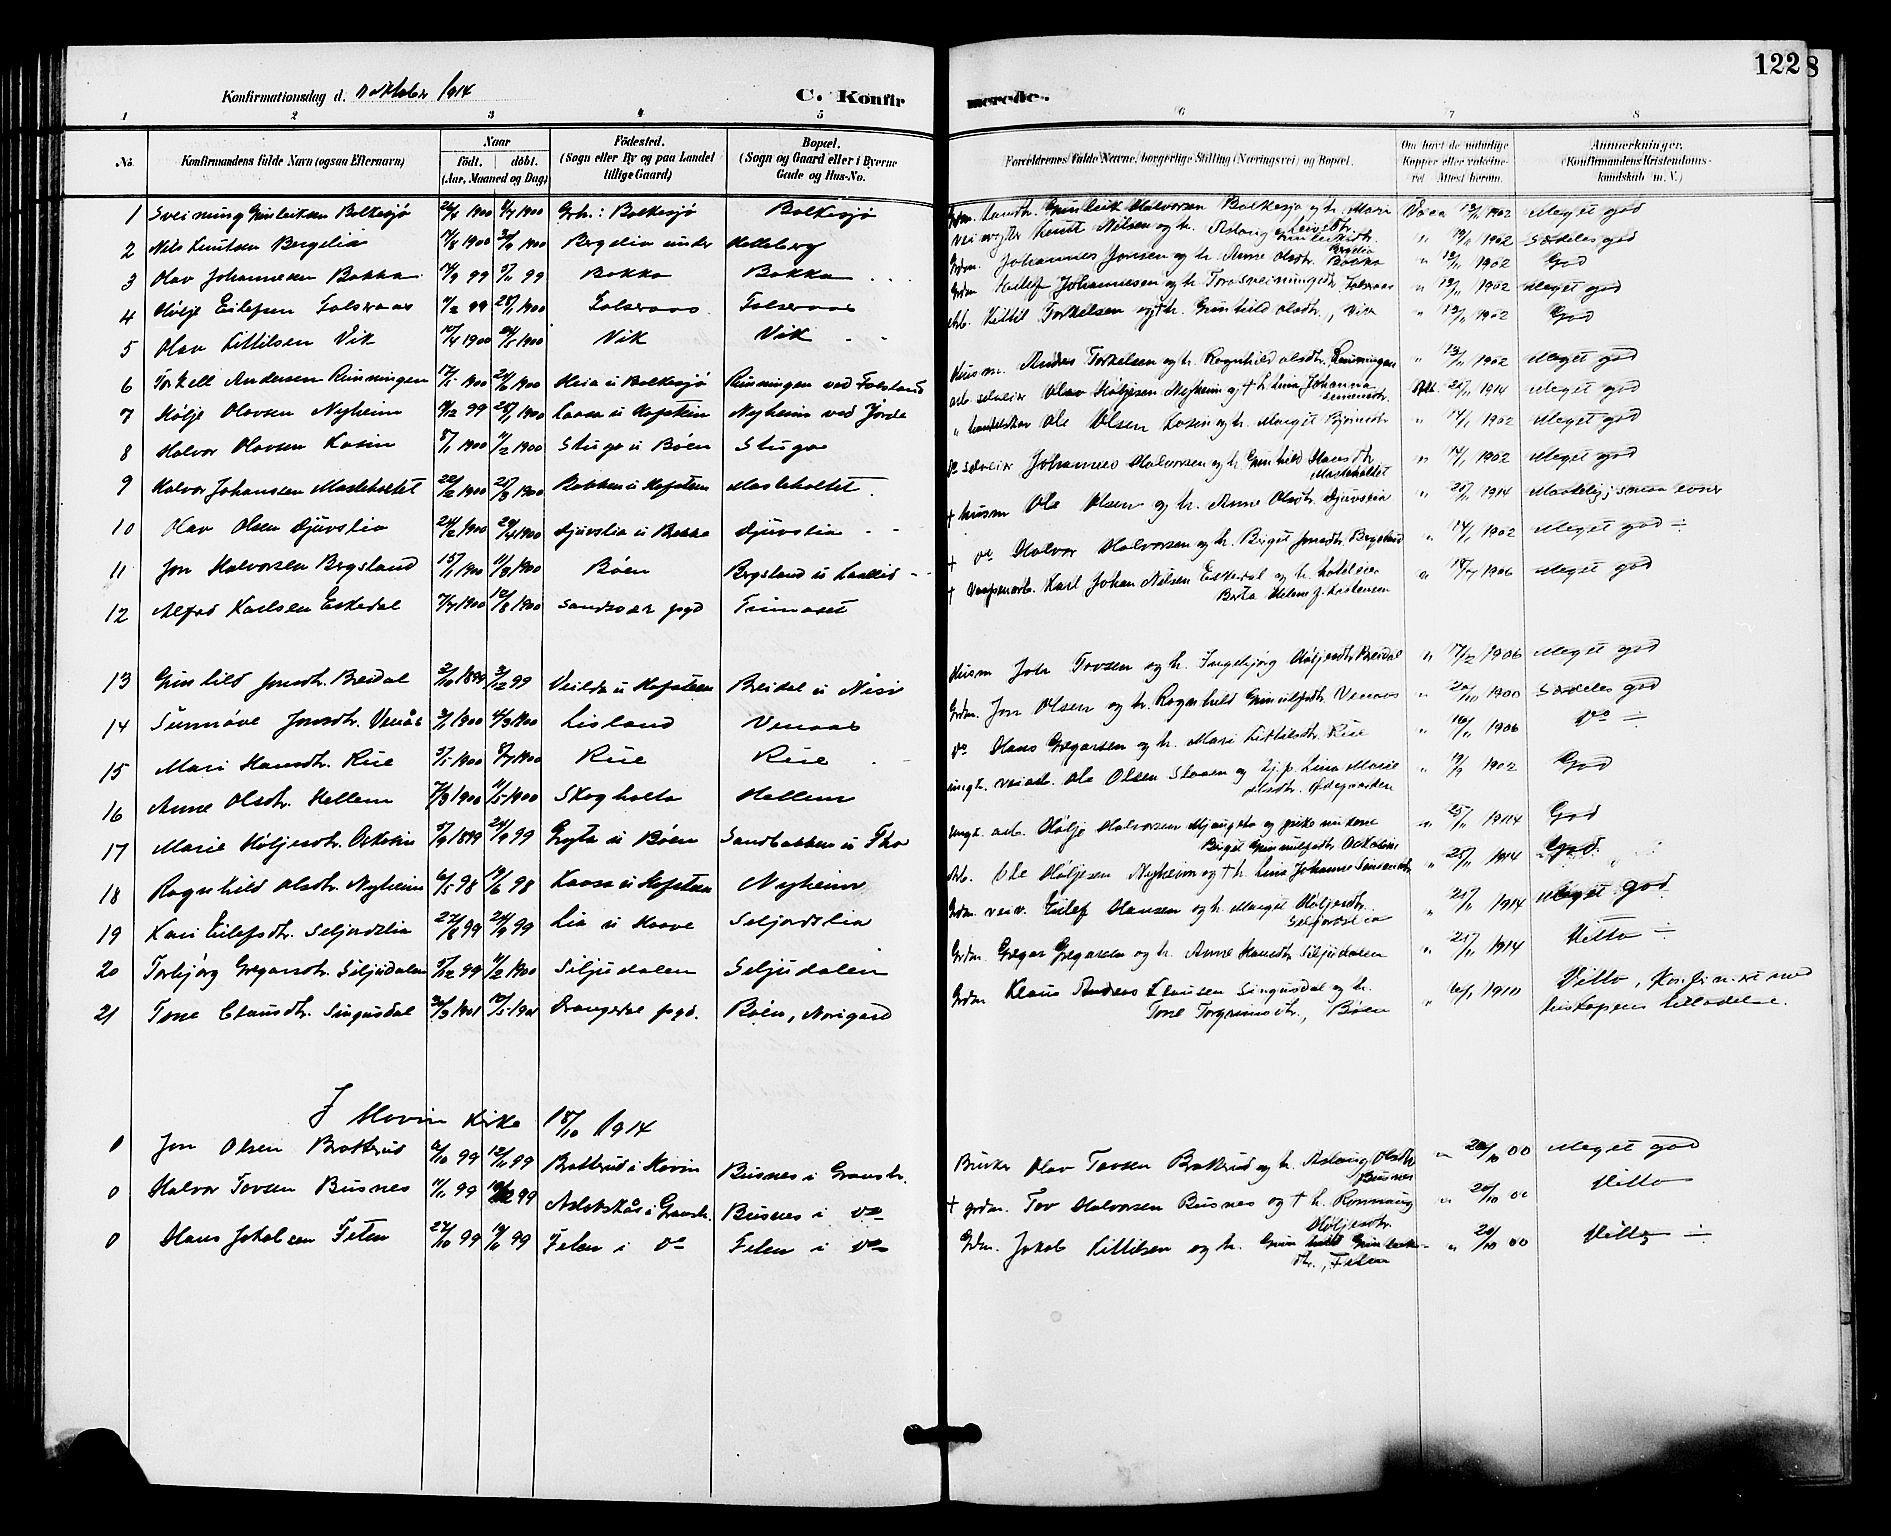 SAKO, Gransherad kirkebøker, G/Ga/L0003: Klokkerbok nr. I 3, 1887-1915, s. 122